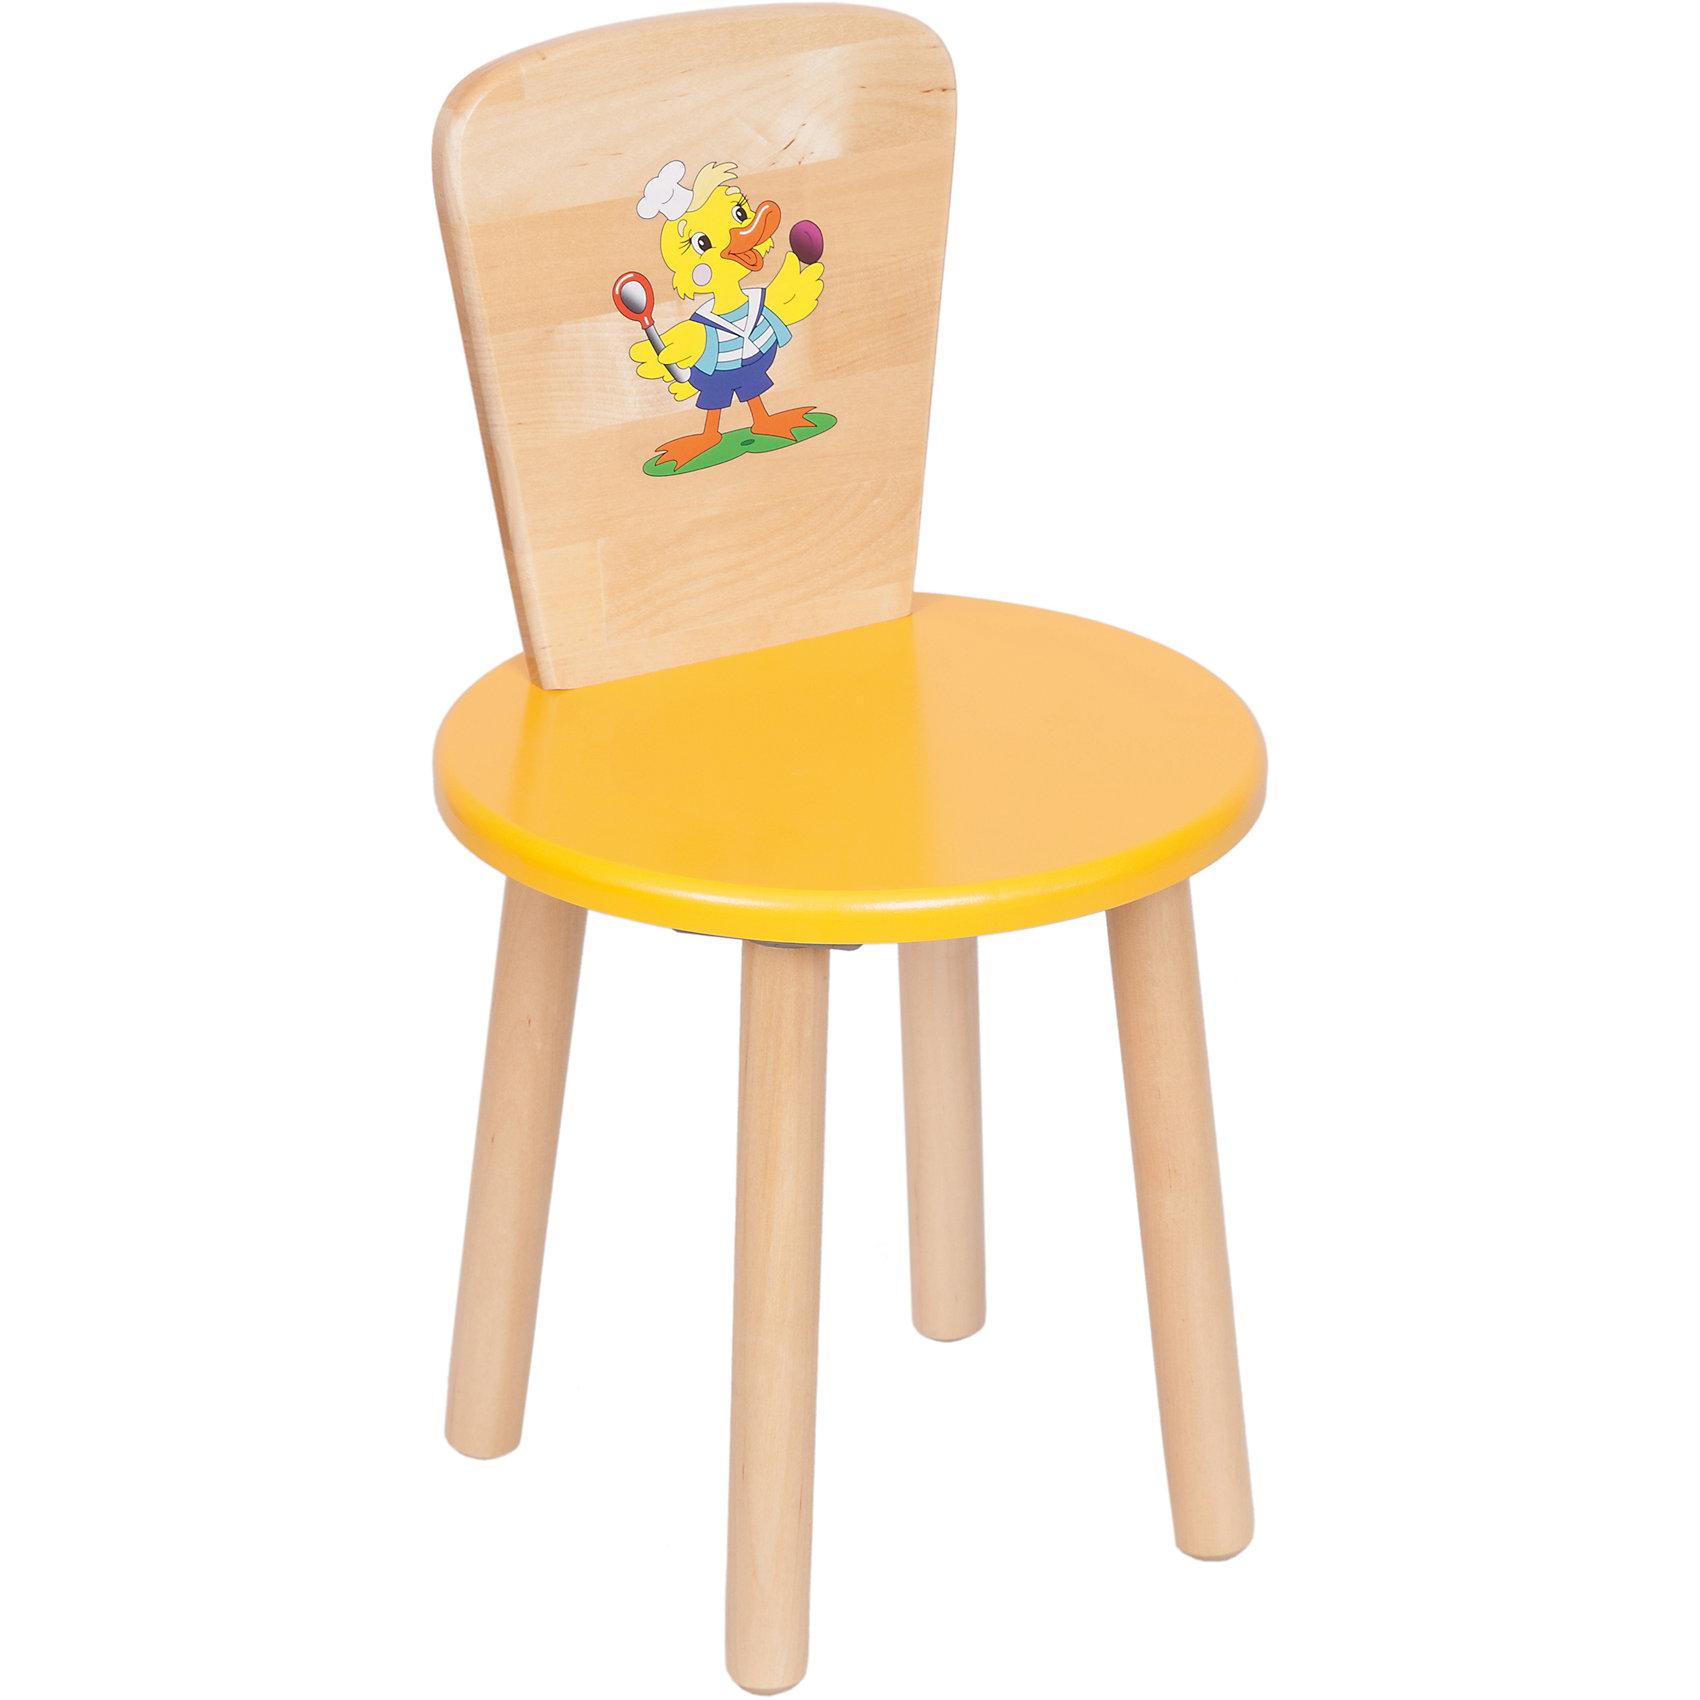 РусЭкоМебель Желтый стул